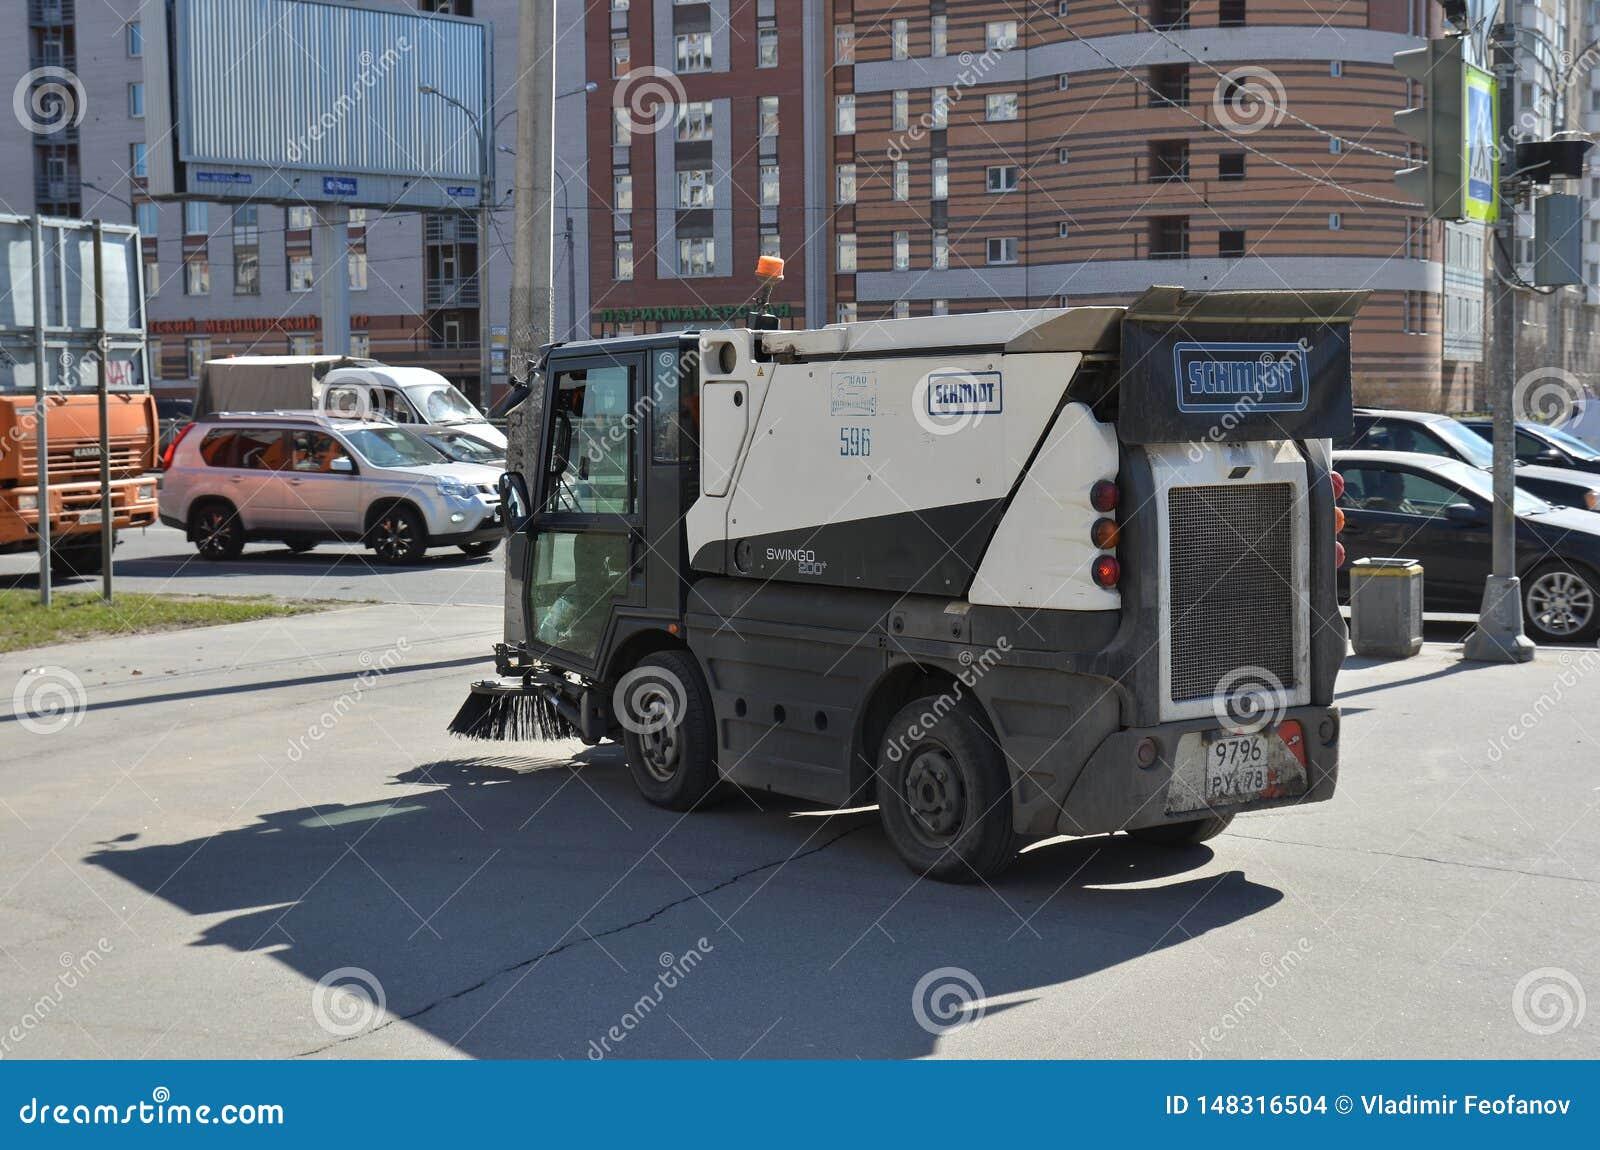 Wasmachine die de straten van de Noordelijke hoofdstad van Rusland, multifunctioneel schoonmakend materiaal schoonmaken